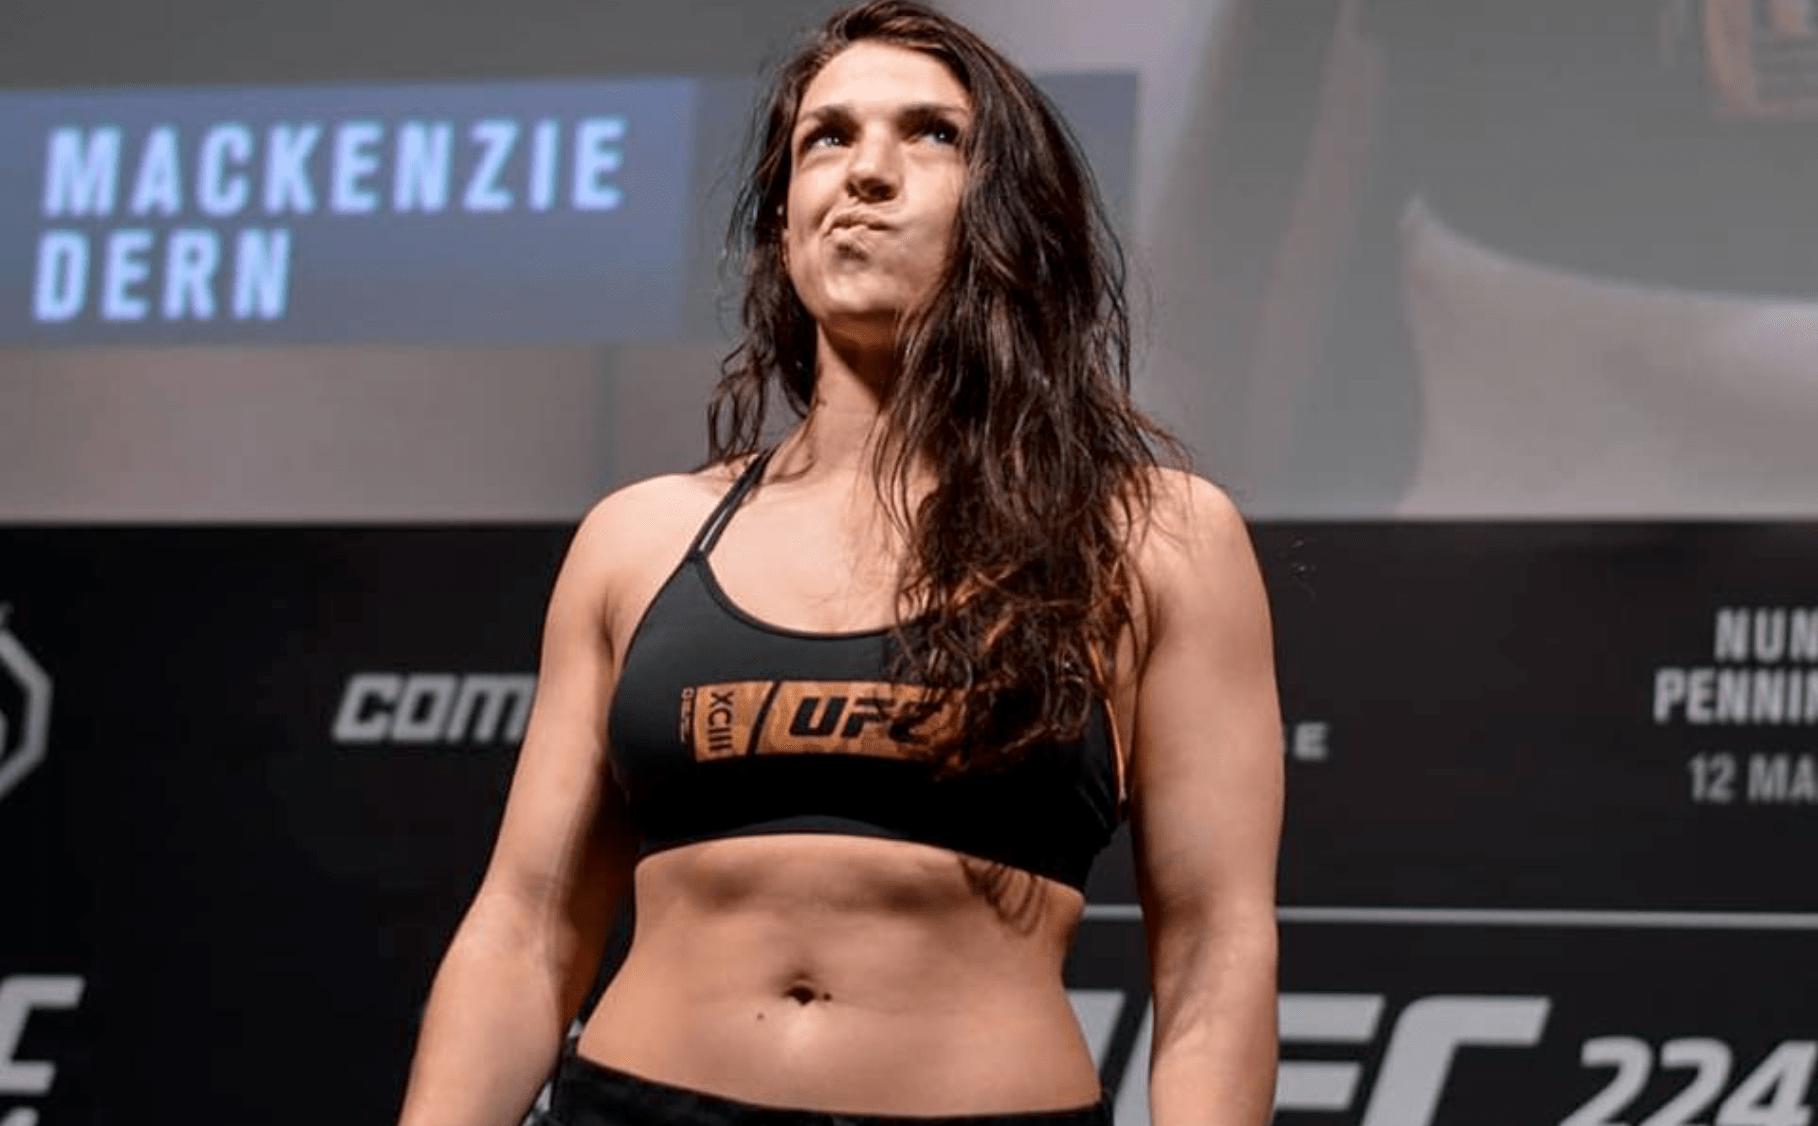 Mackenzie Dern Decides To Stay At Strawweight